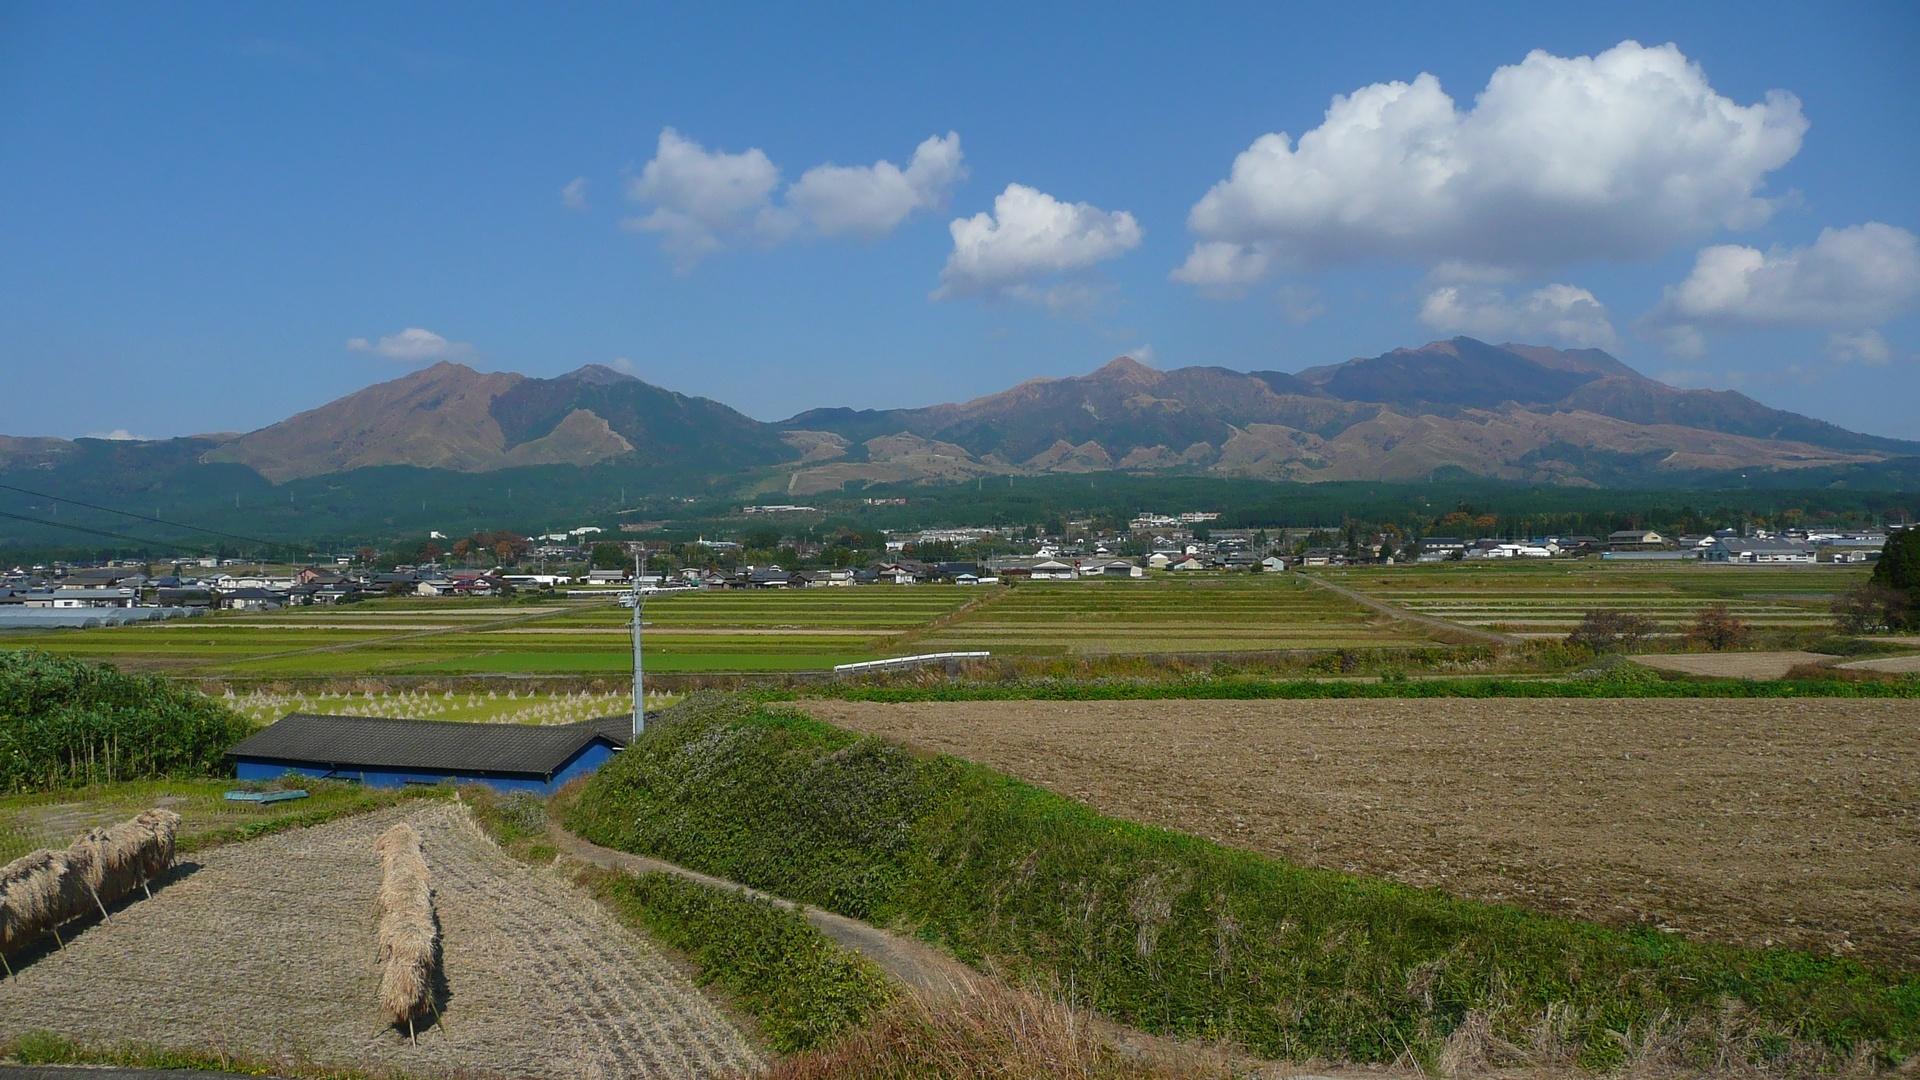 Mt_Aso_from_Minamiaso_Hisaishi.jpg